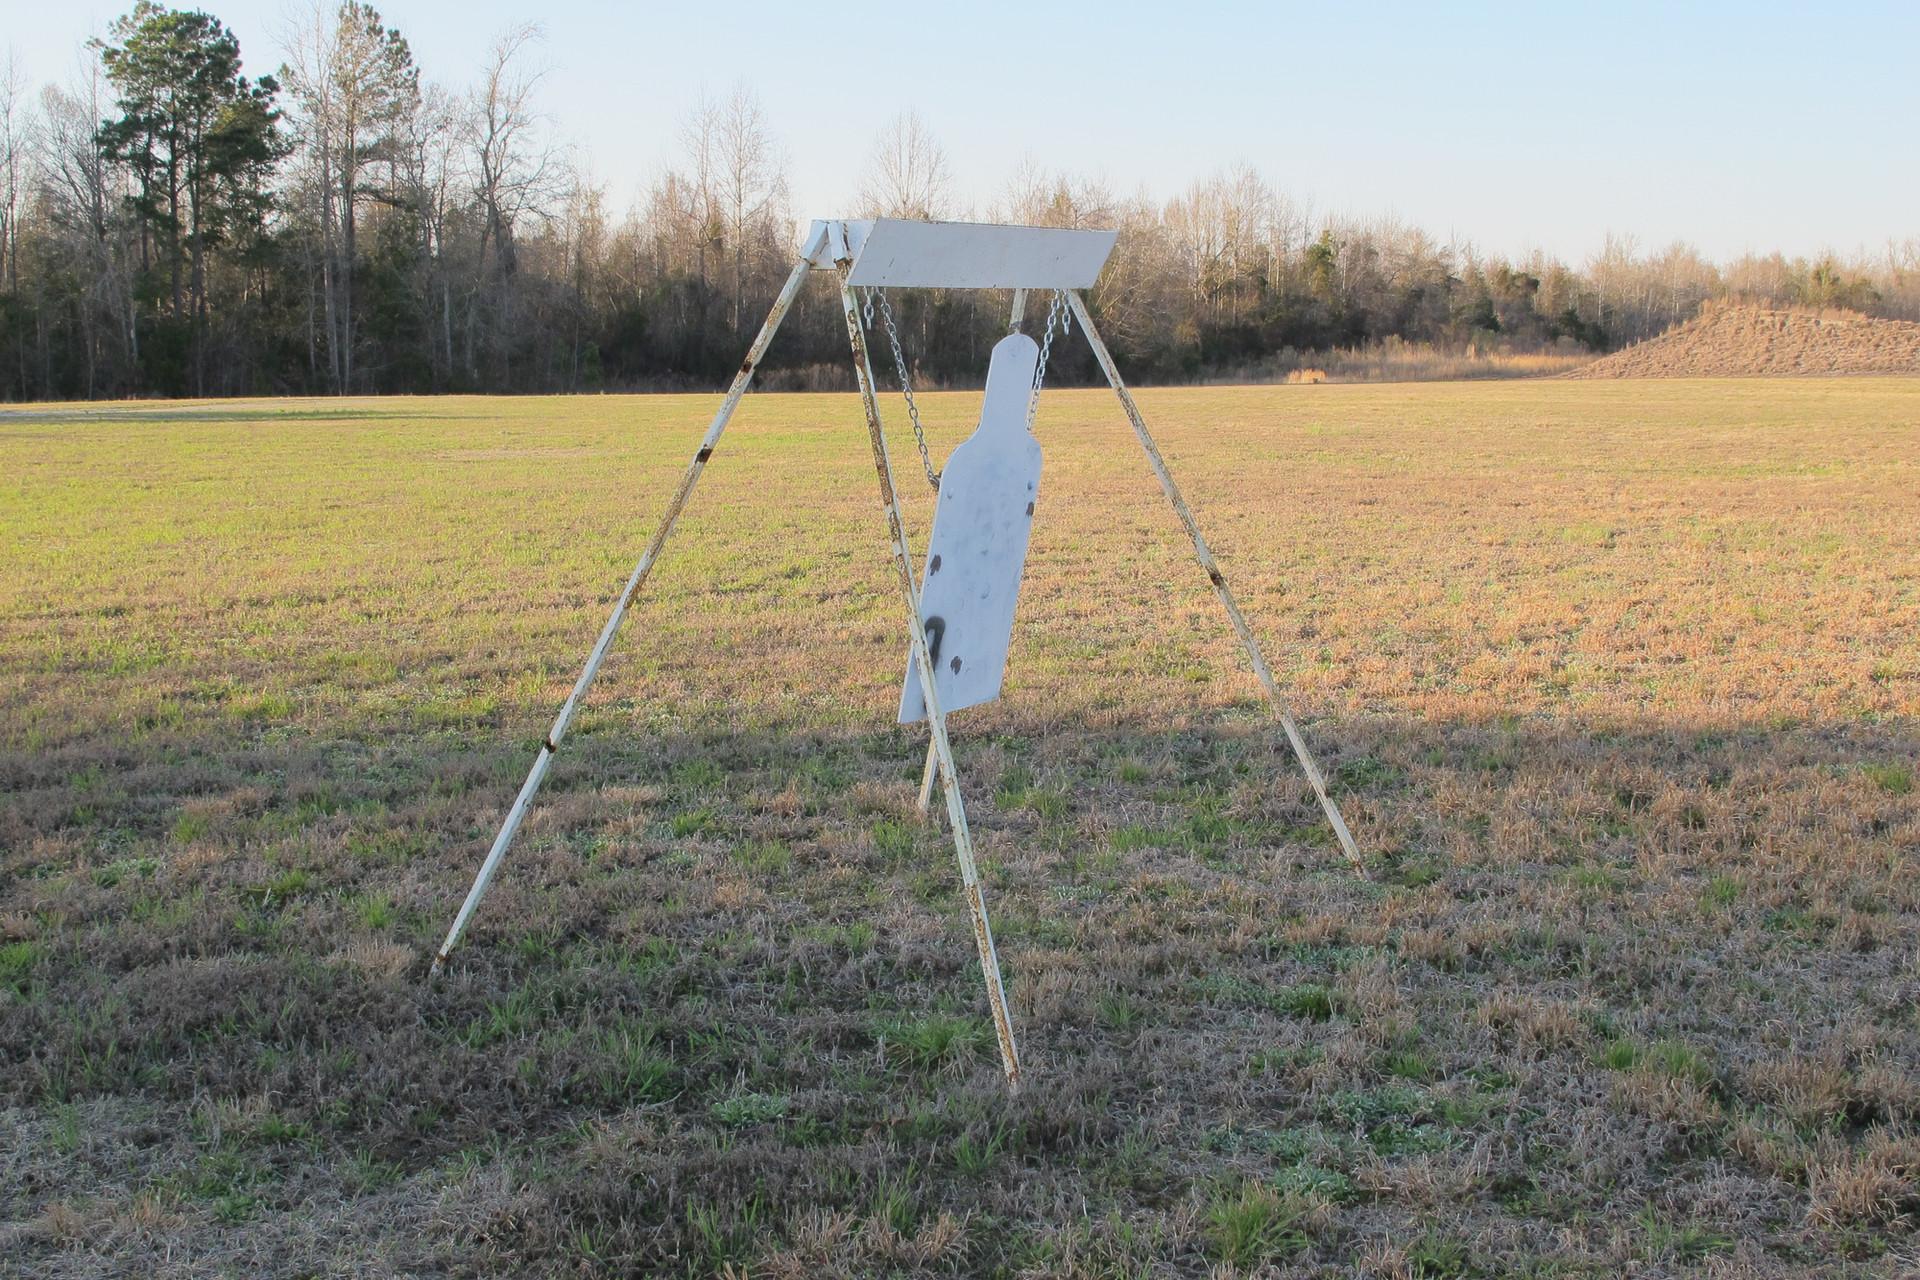 Range 4 Target